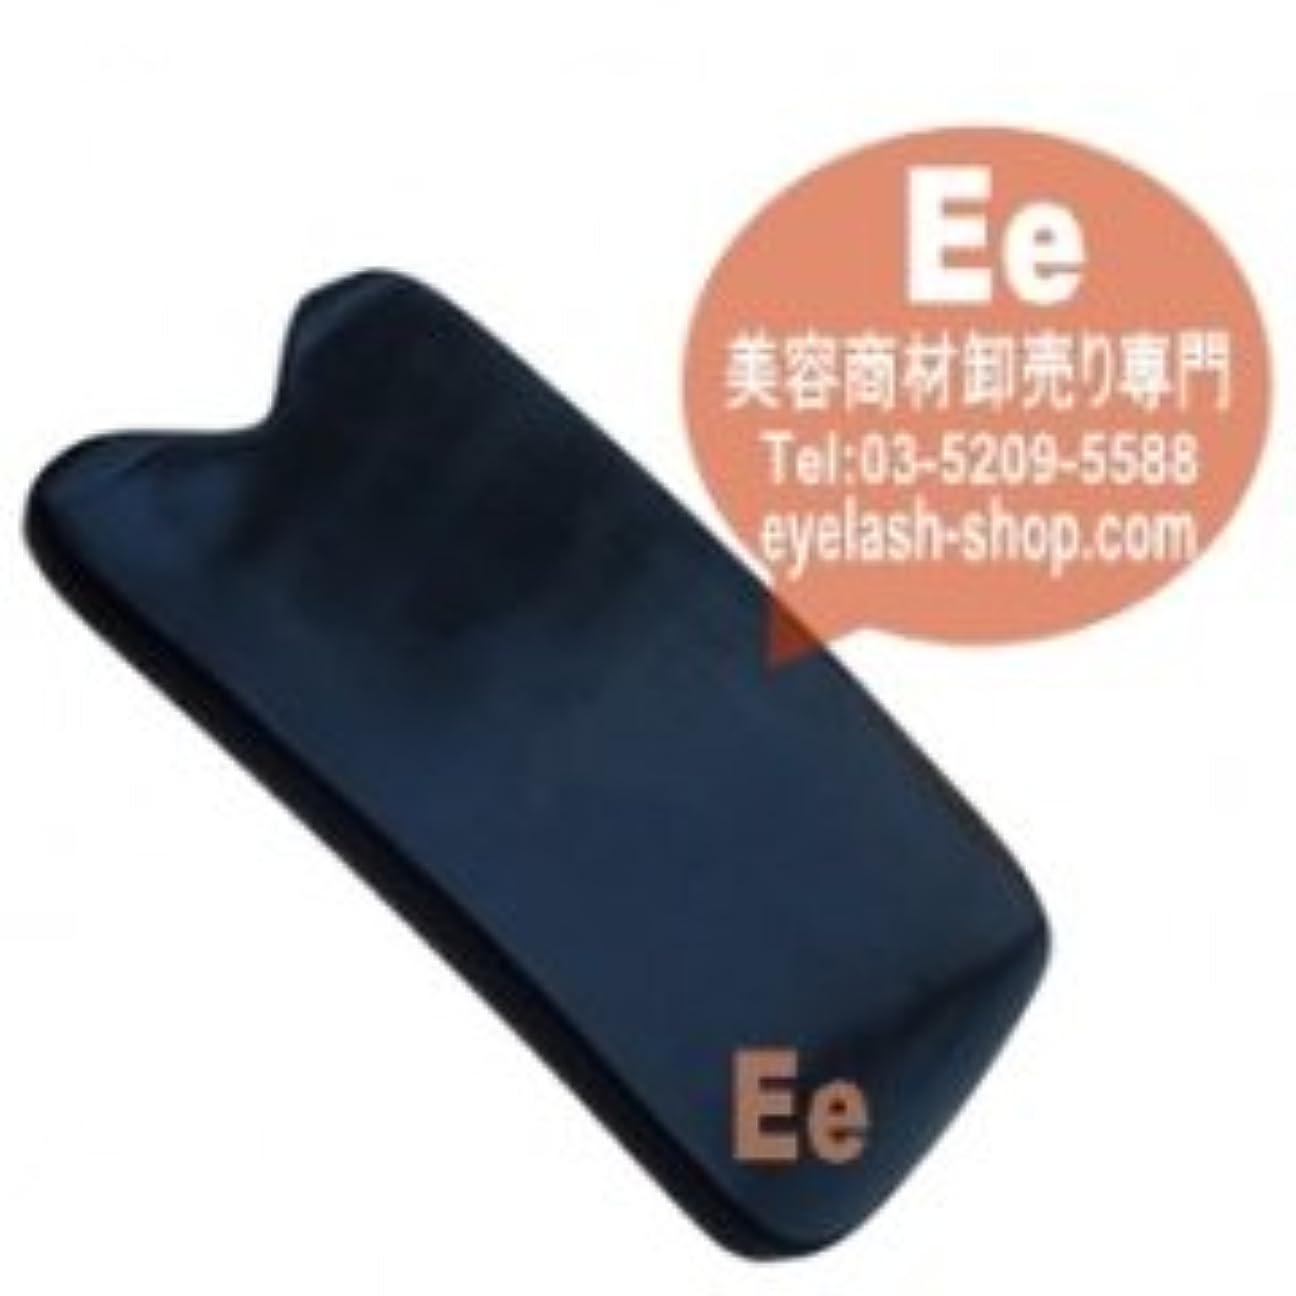 スキッパーラップトップ物質かっさ板 カッサプレート 美容マッサージカッサ板 グアシャ板 水牛の角 A-04